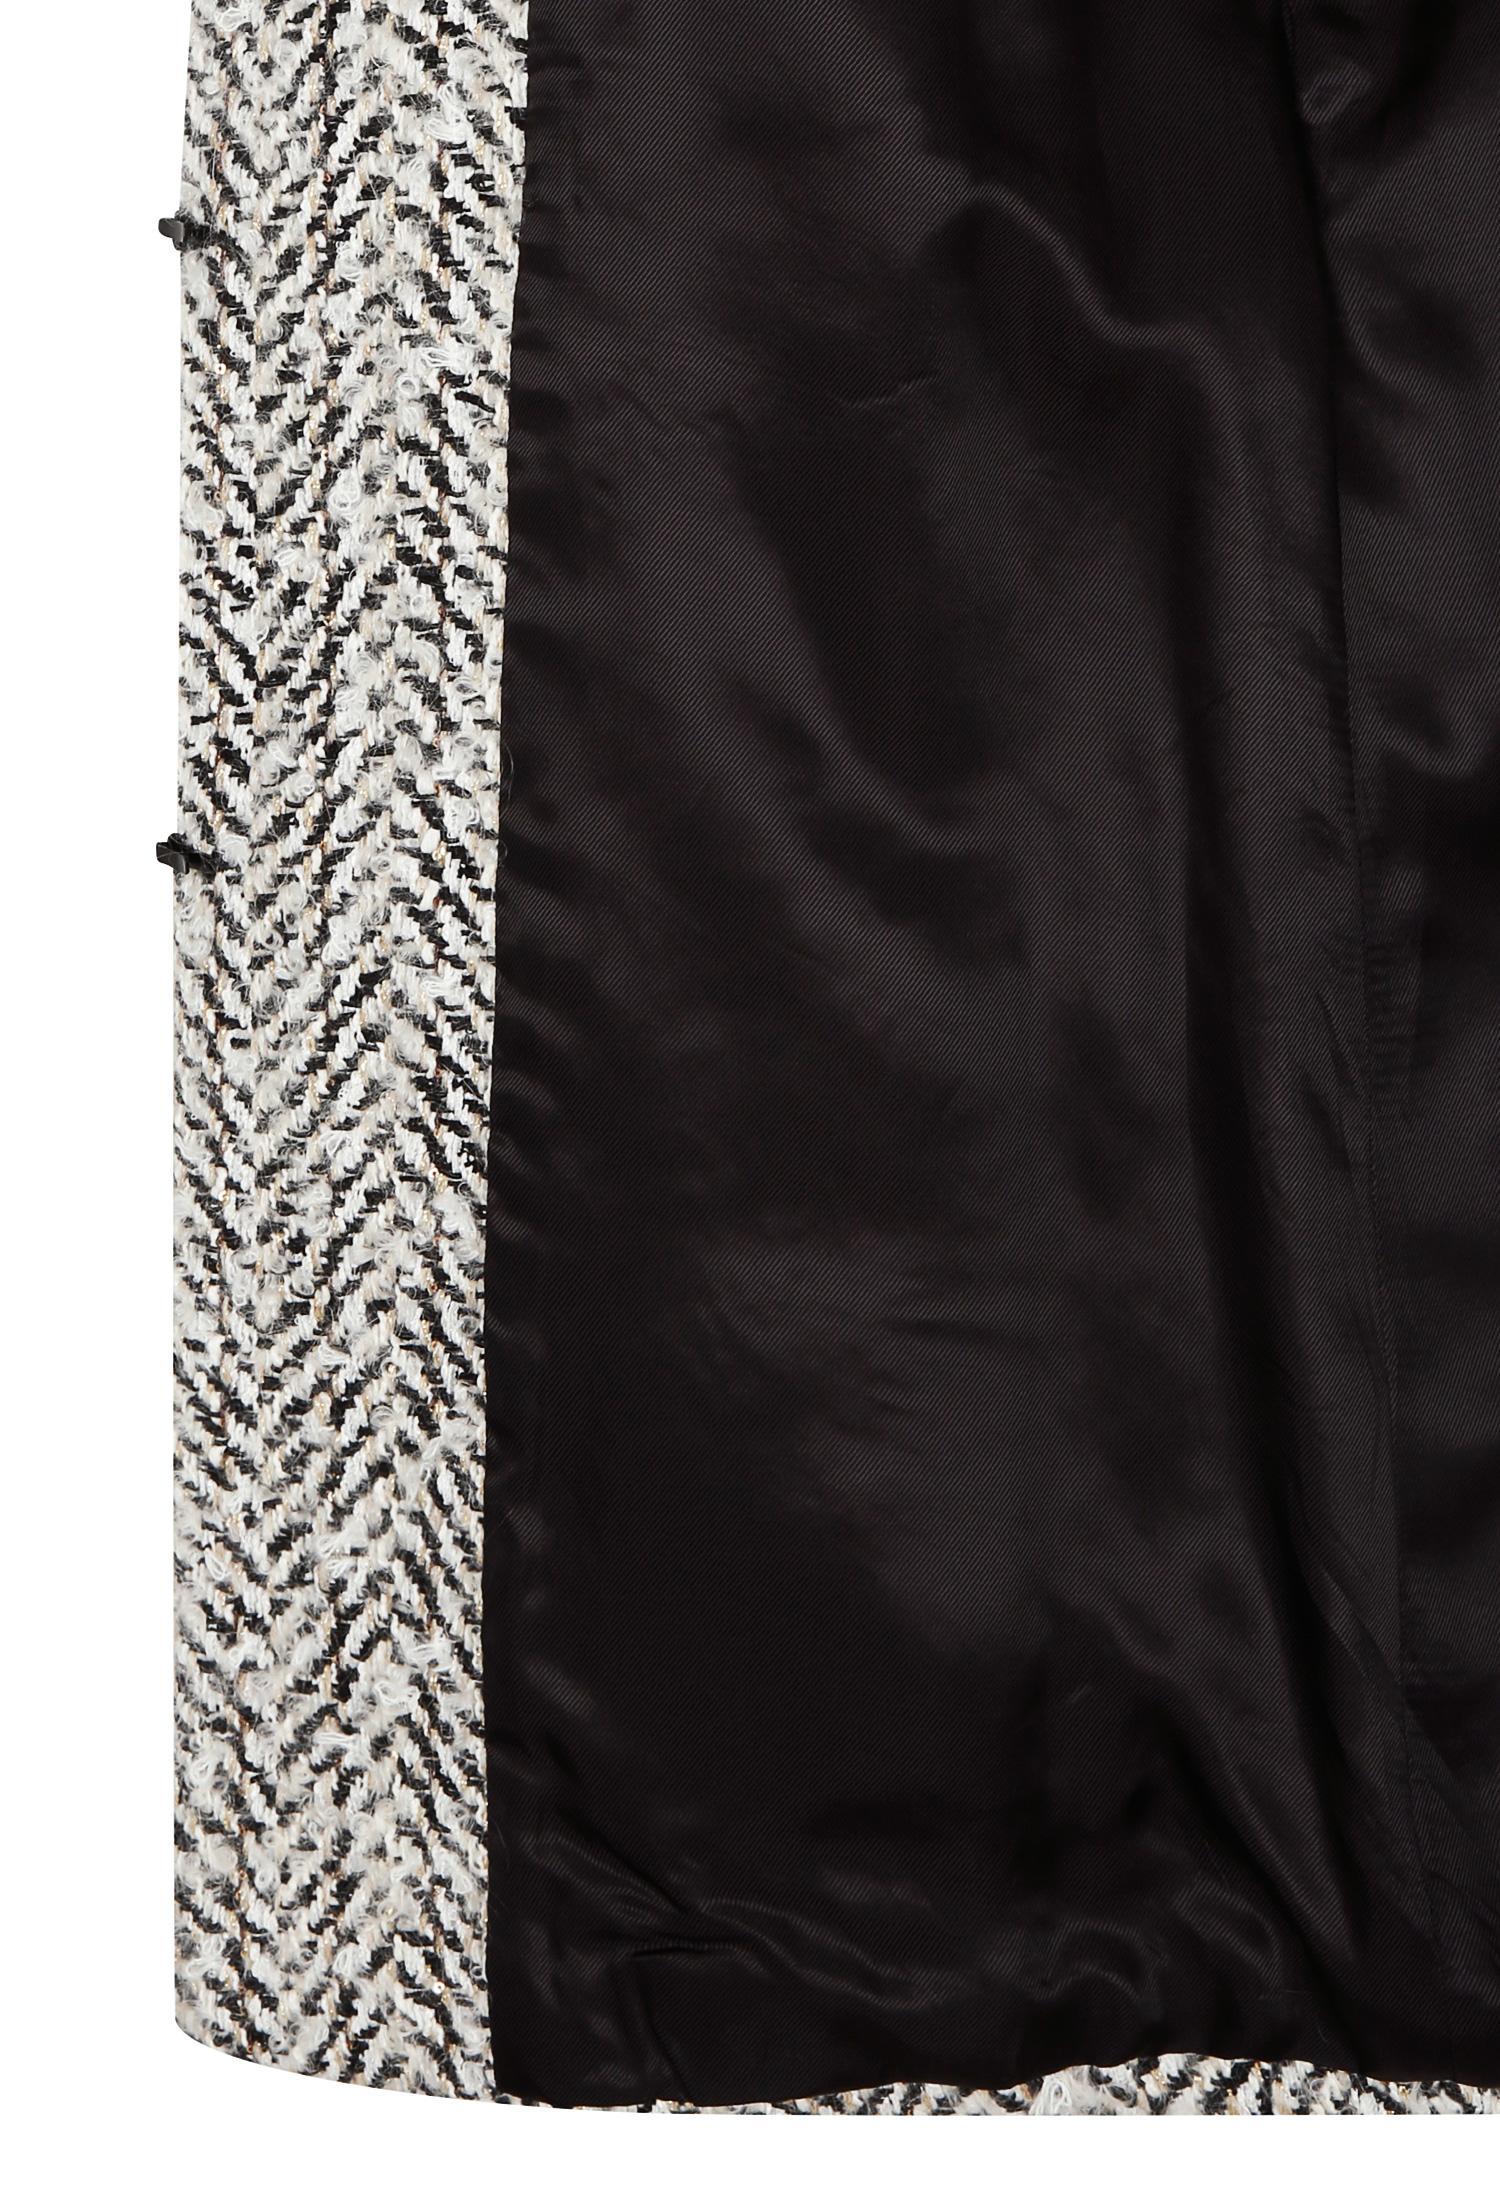 체인 브레이드 트위드 자켓 (BLACK)